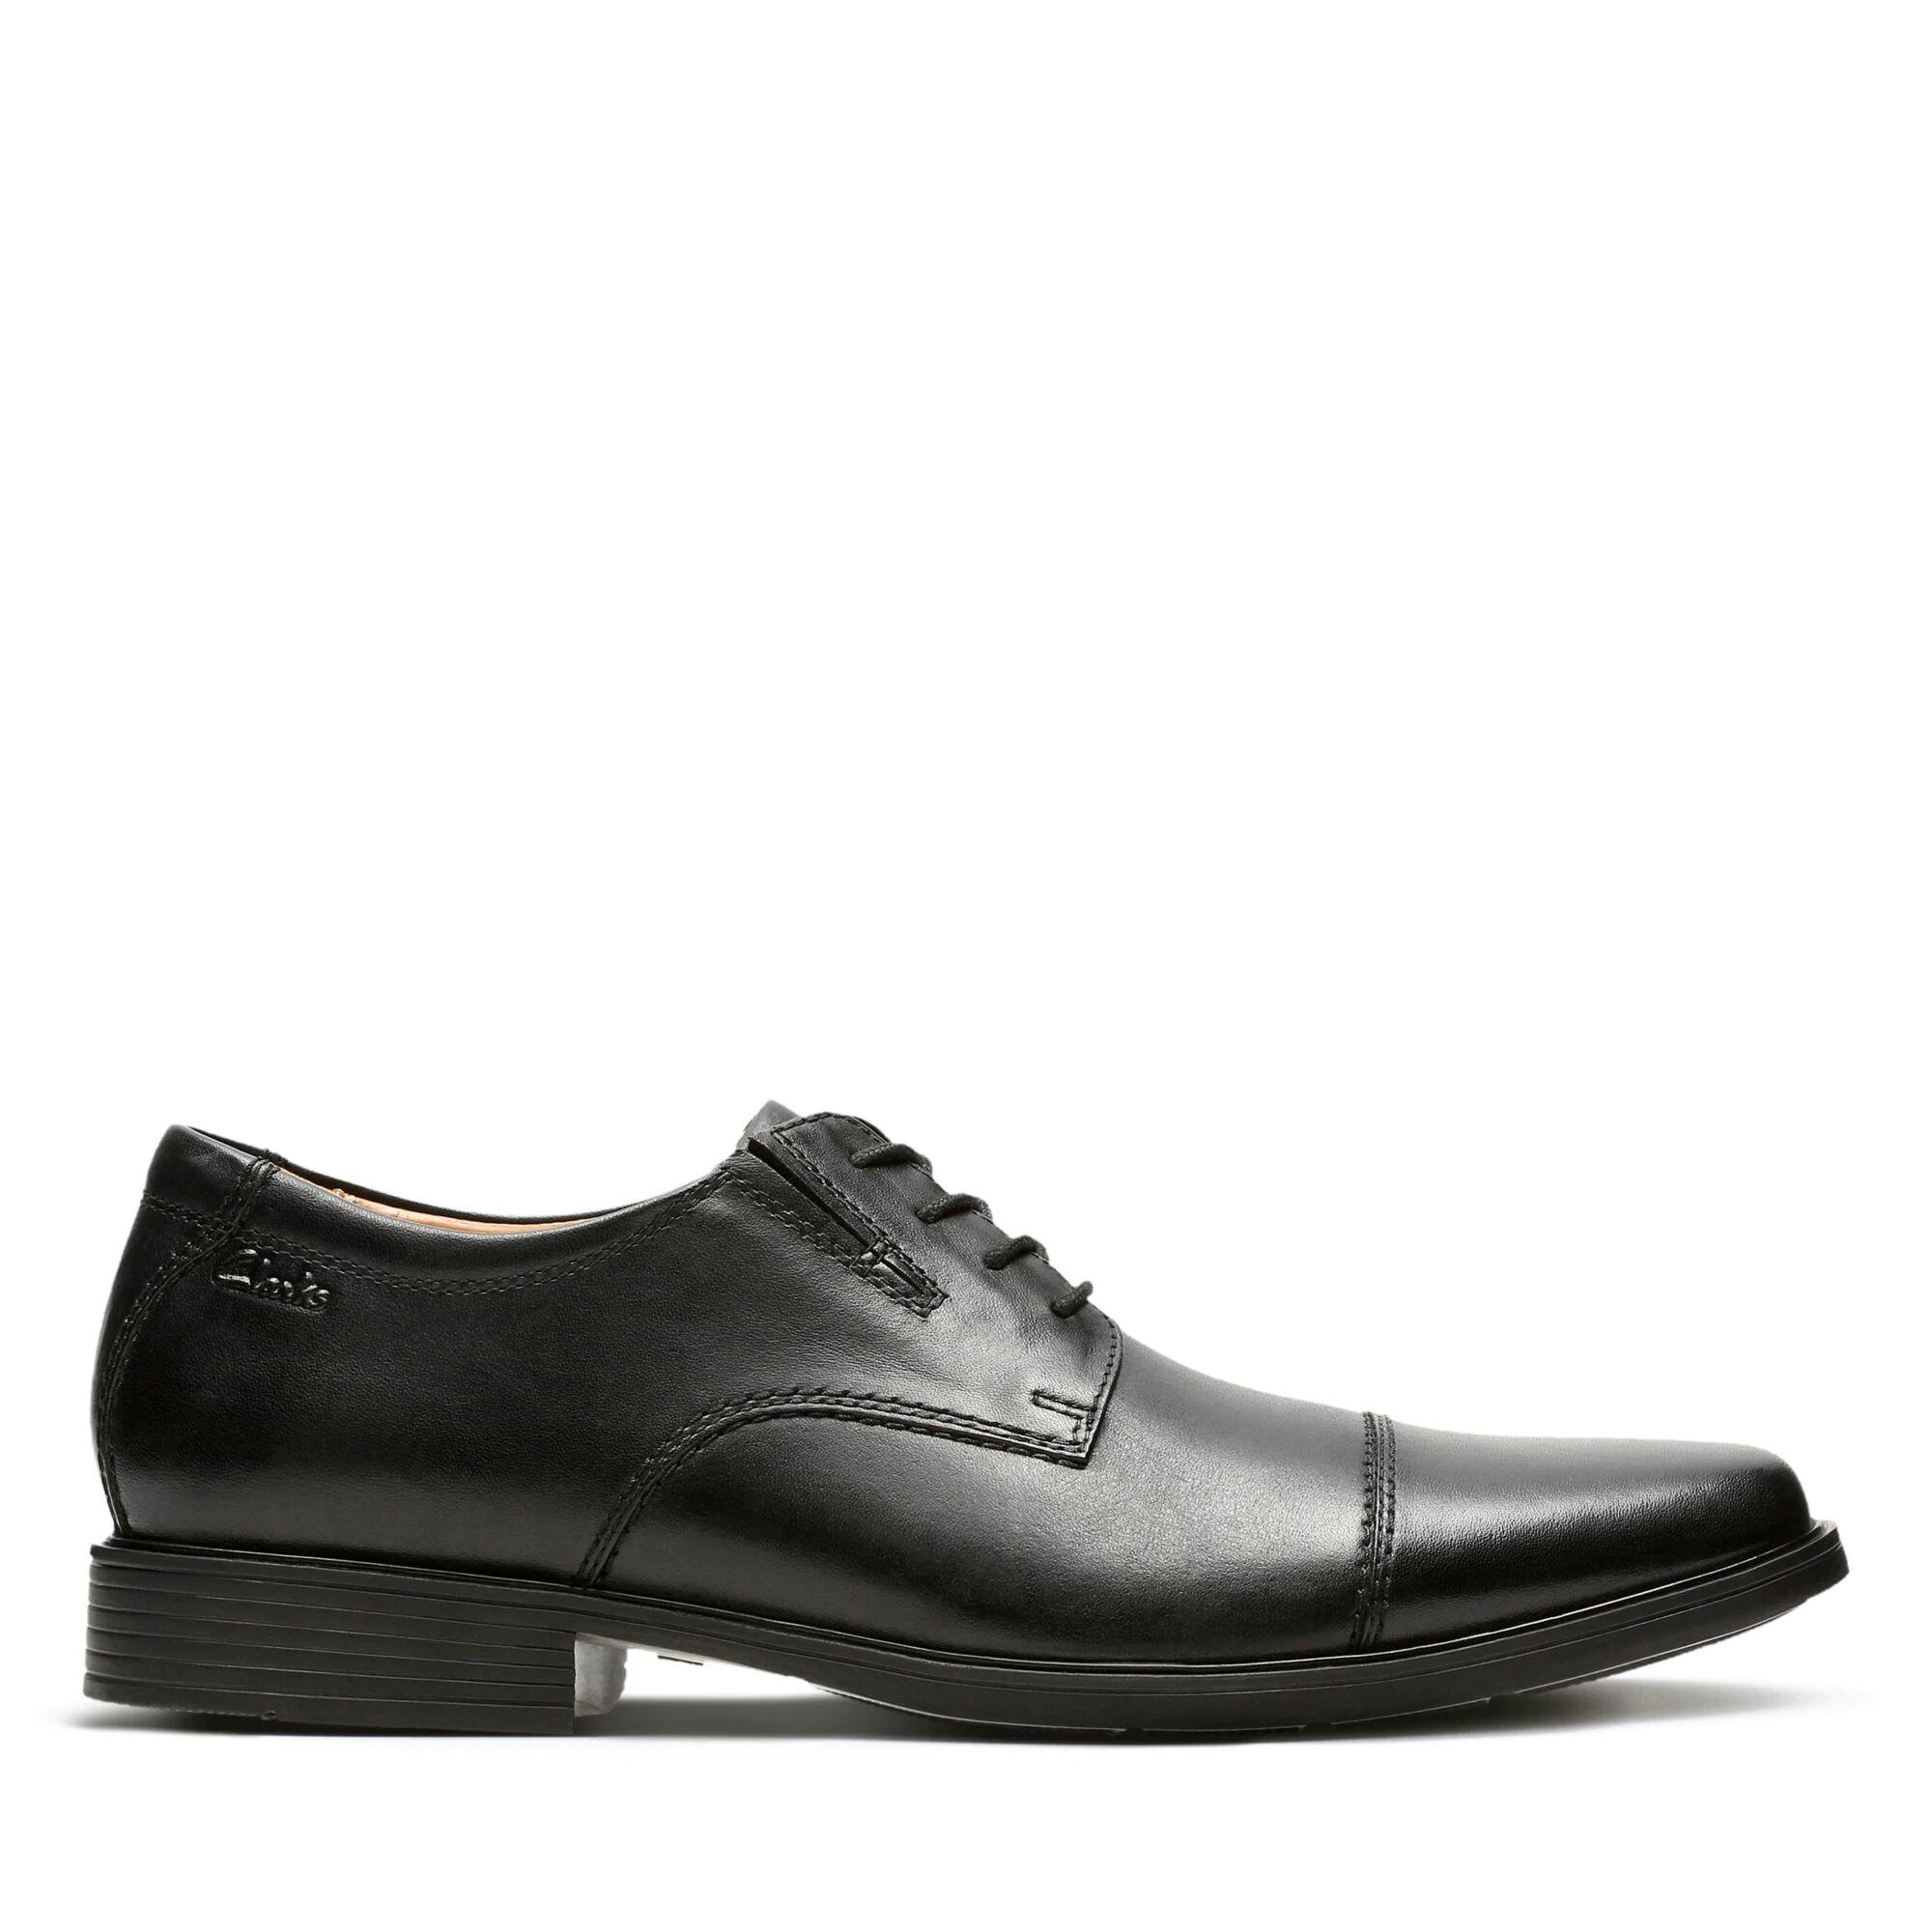 Men's Smart Shoes   Clarks